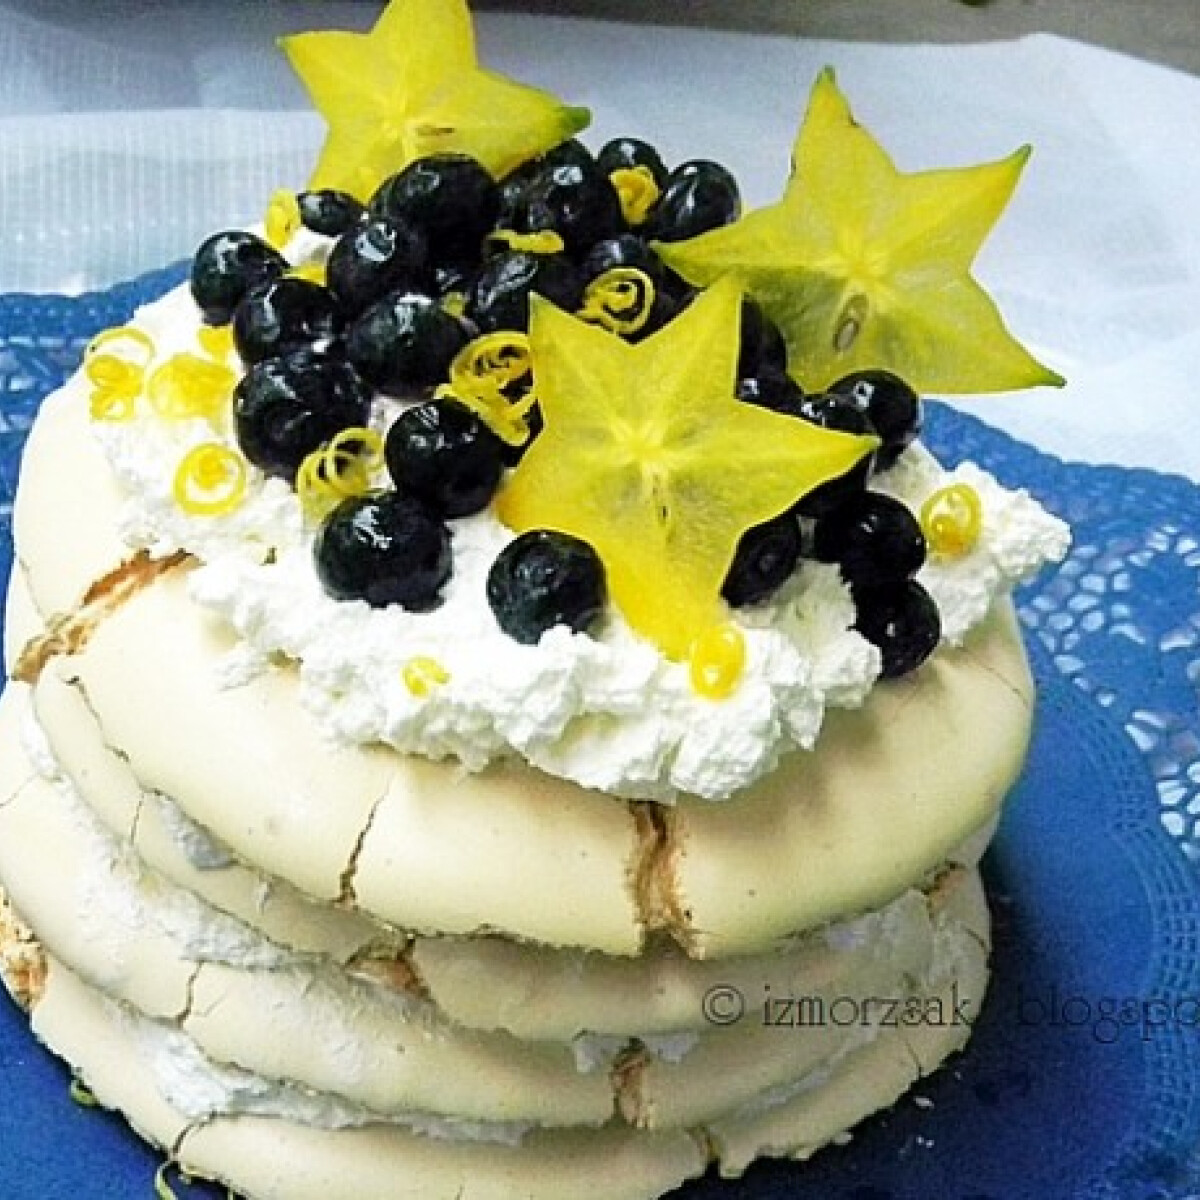 Emeletes - majdnem - Pavlova torta